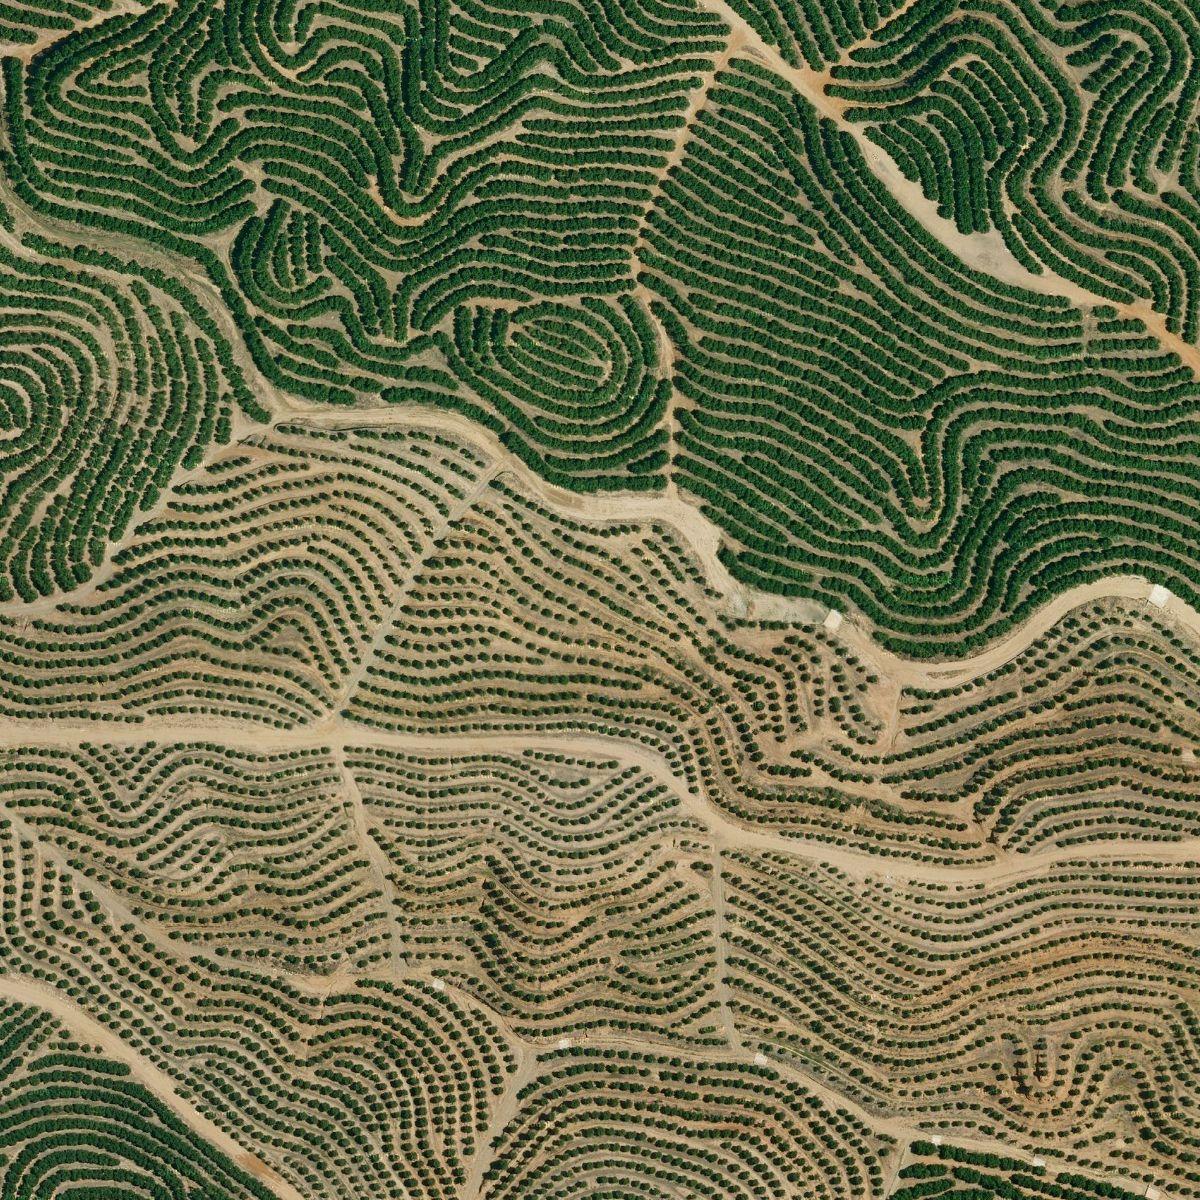 Like the planet has fingerprints. Huelva, Spain 37.243448, -7.283292